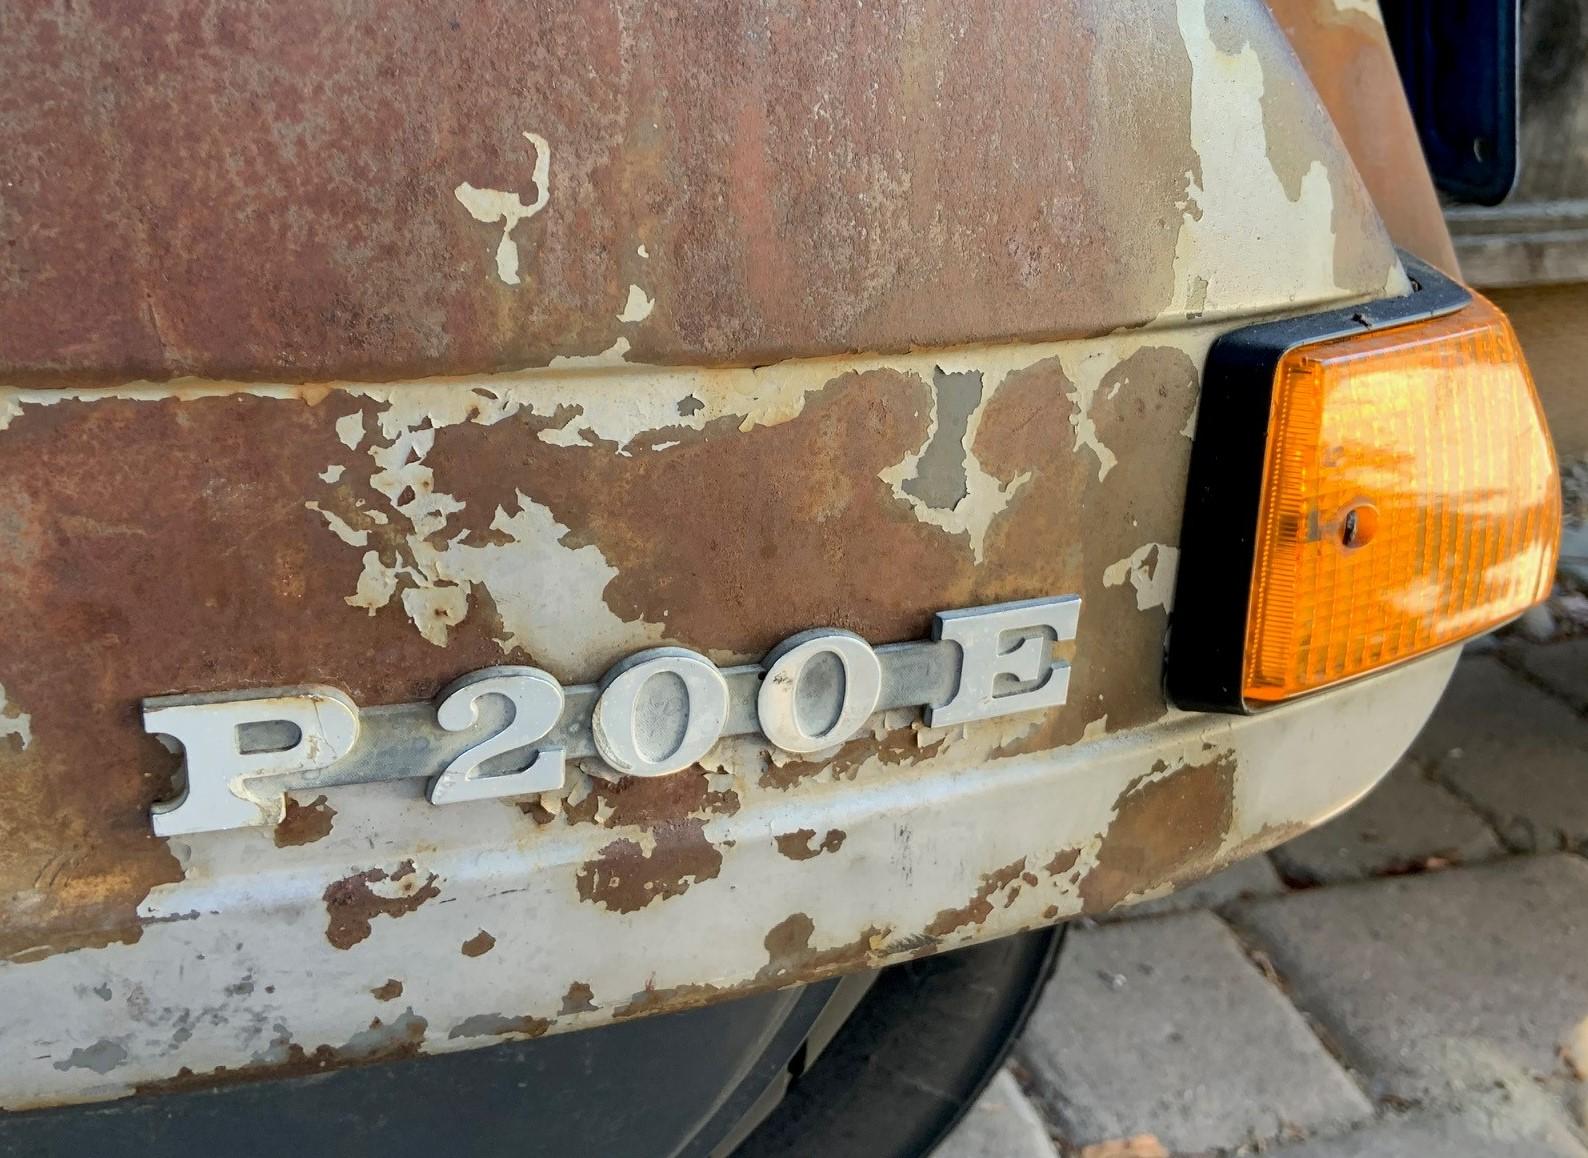 Josh Rogers - 1981 Piaggio P200E - close-up model badge